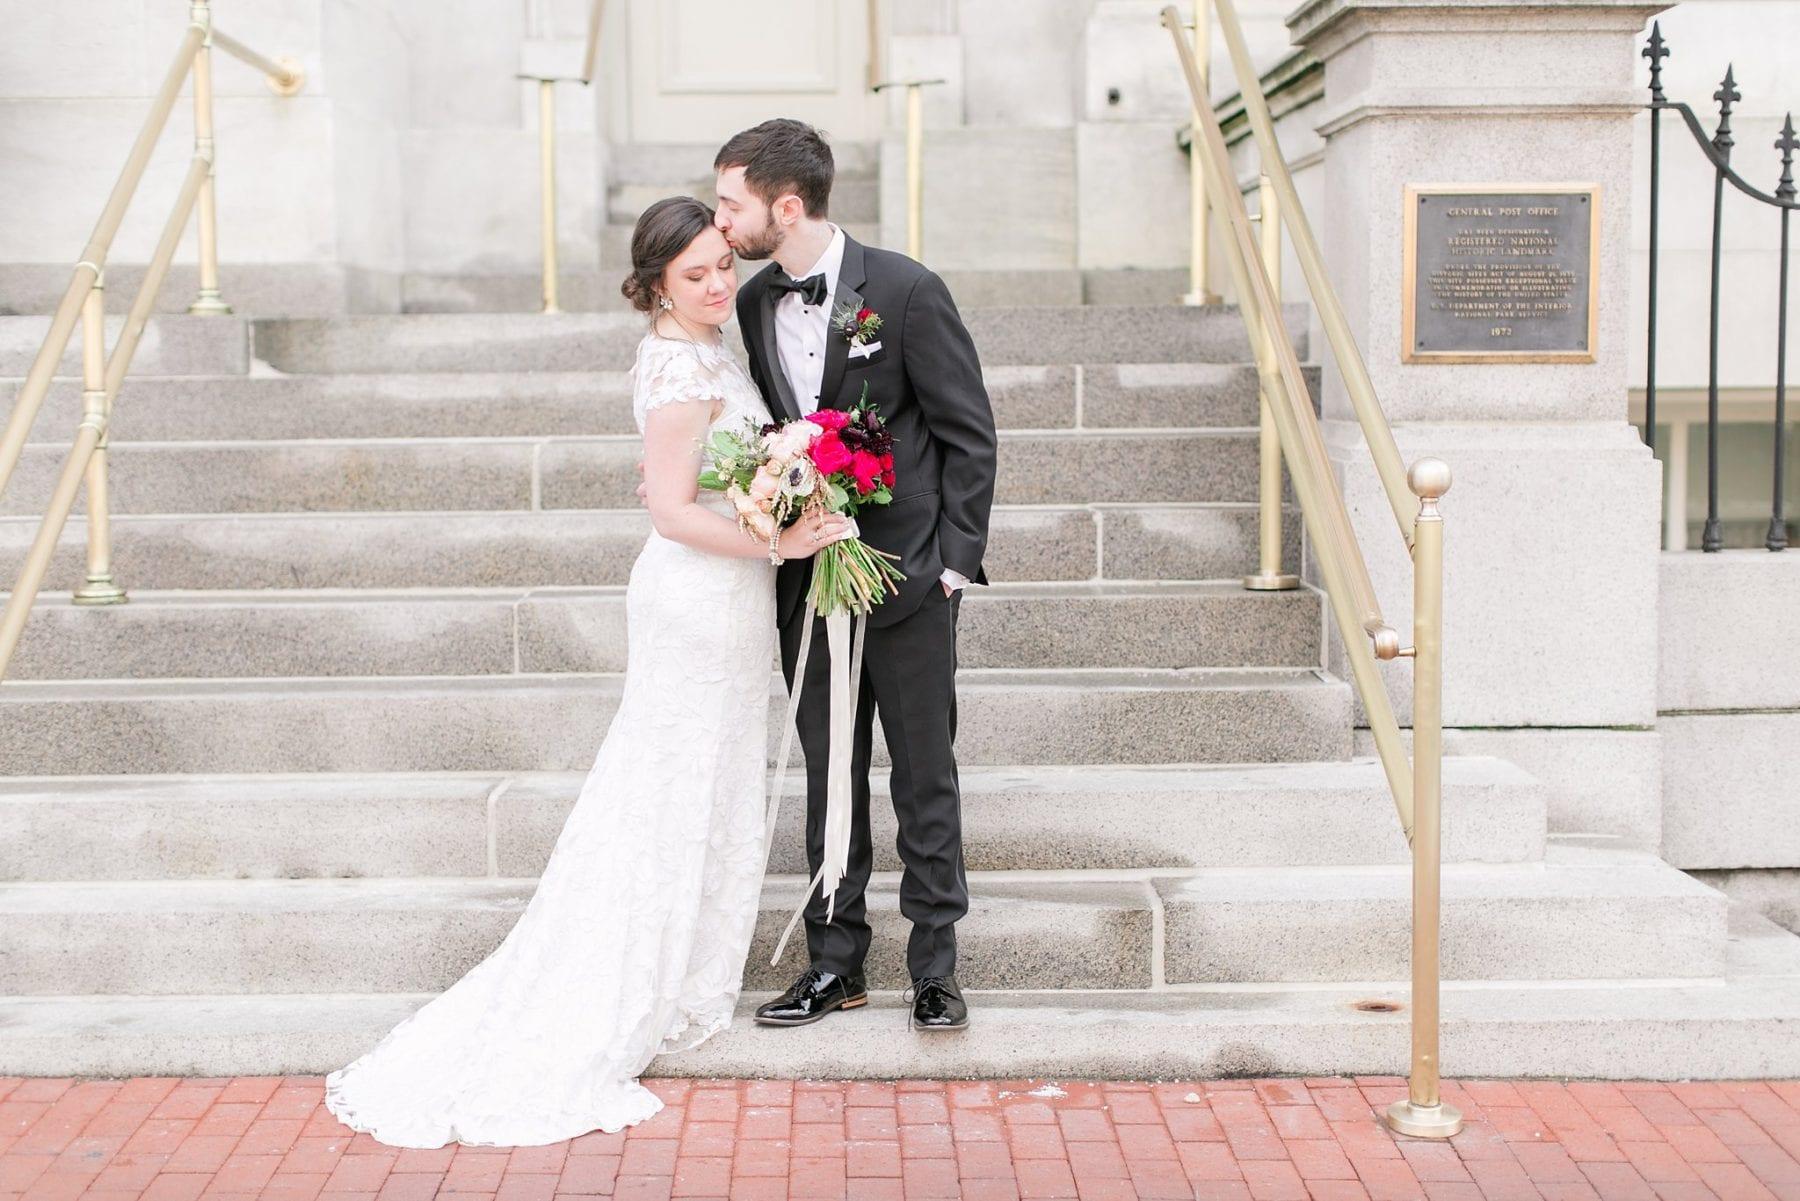 Hotel Monaco Washington DC Wedding Photos Megan Kelsey Photography Erin & Mike -105